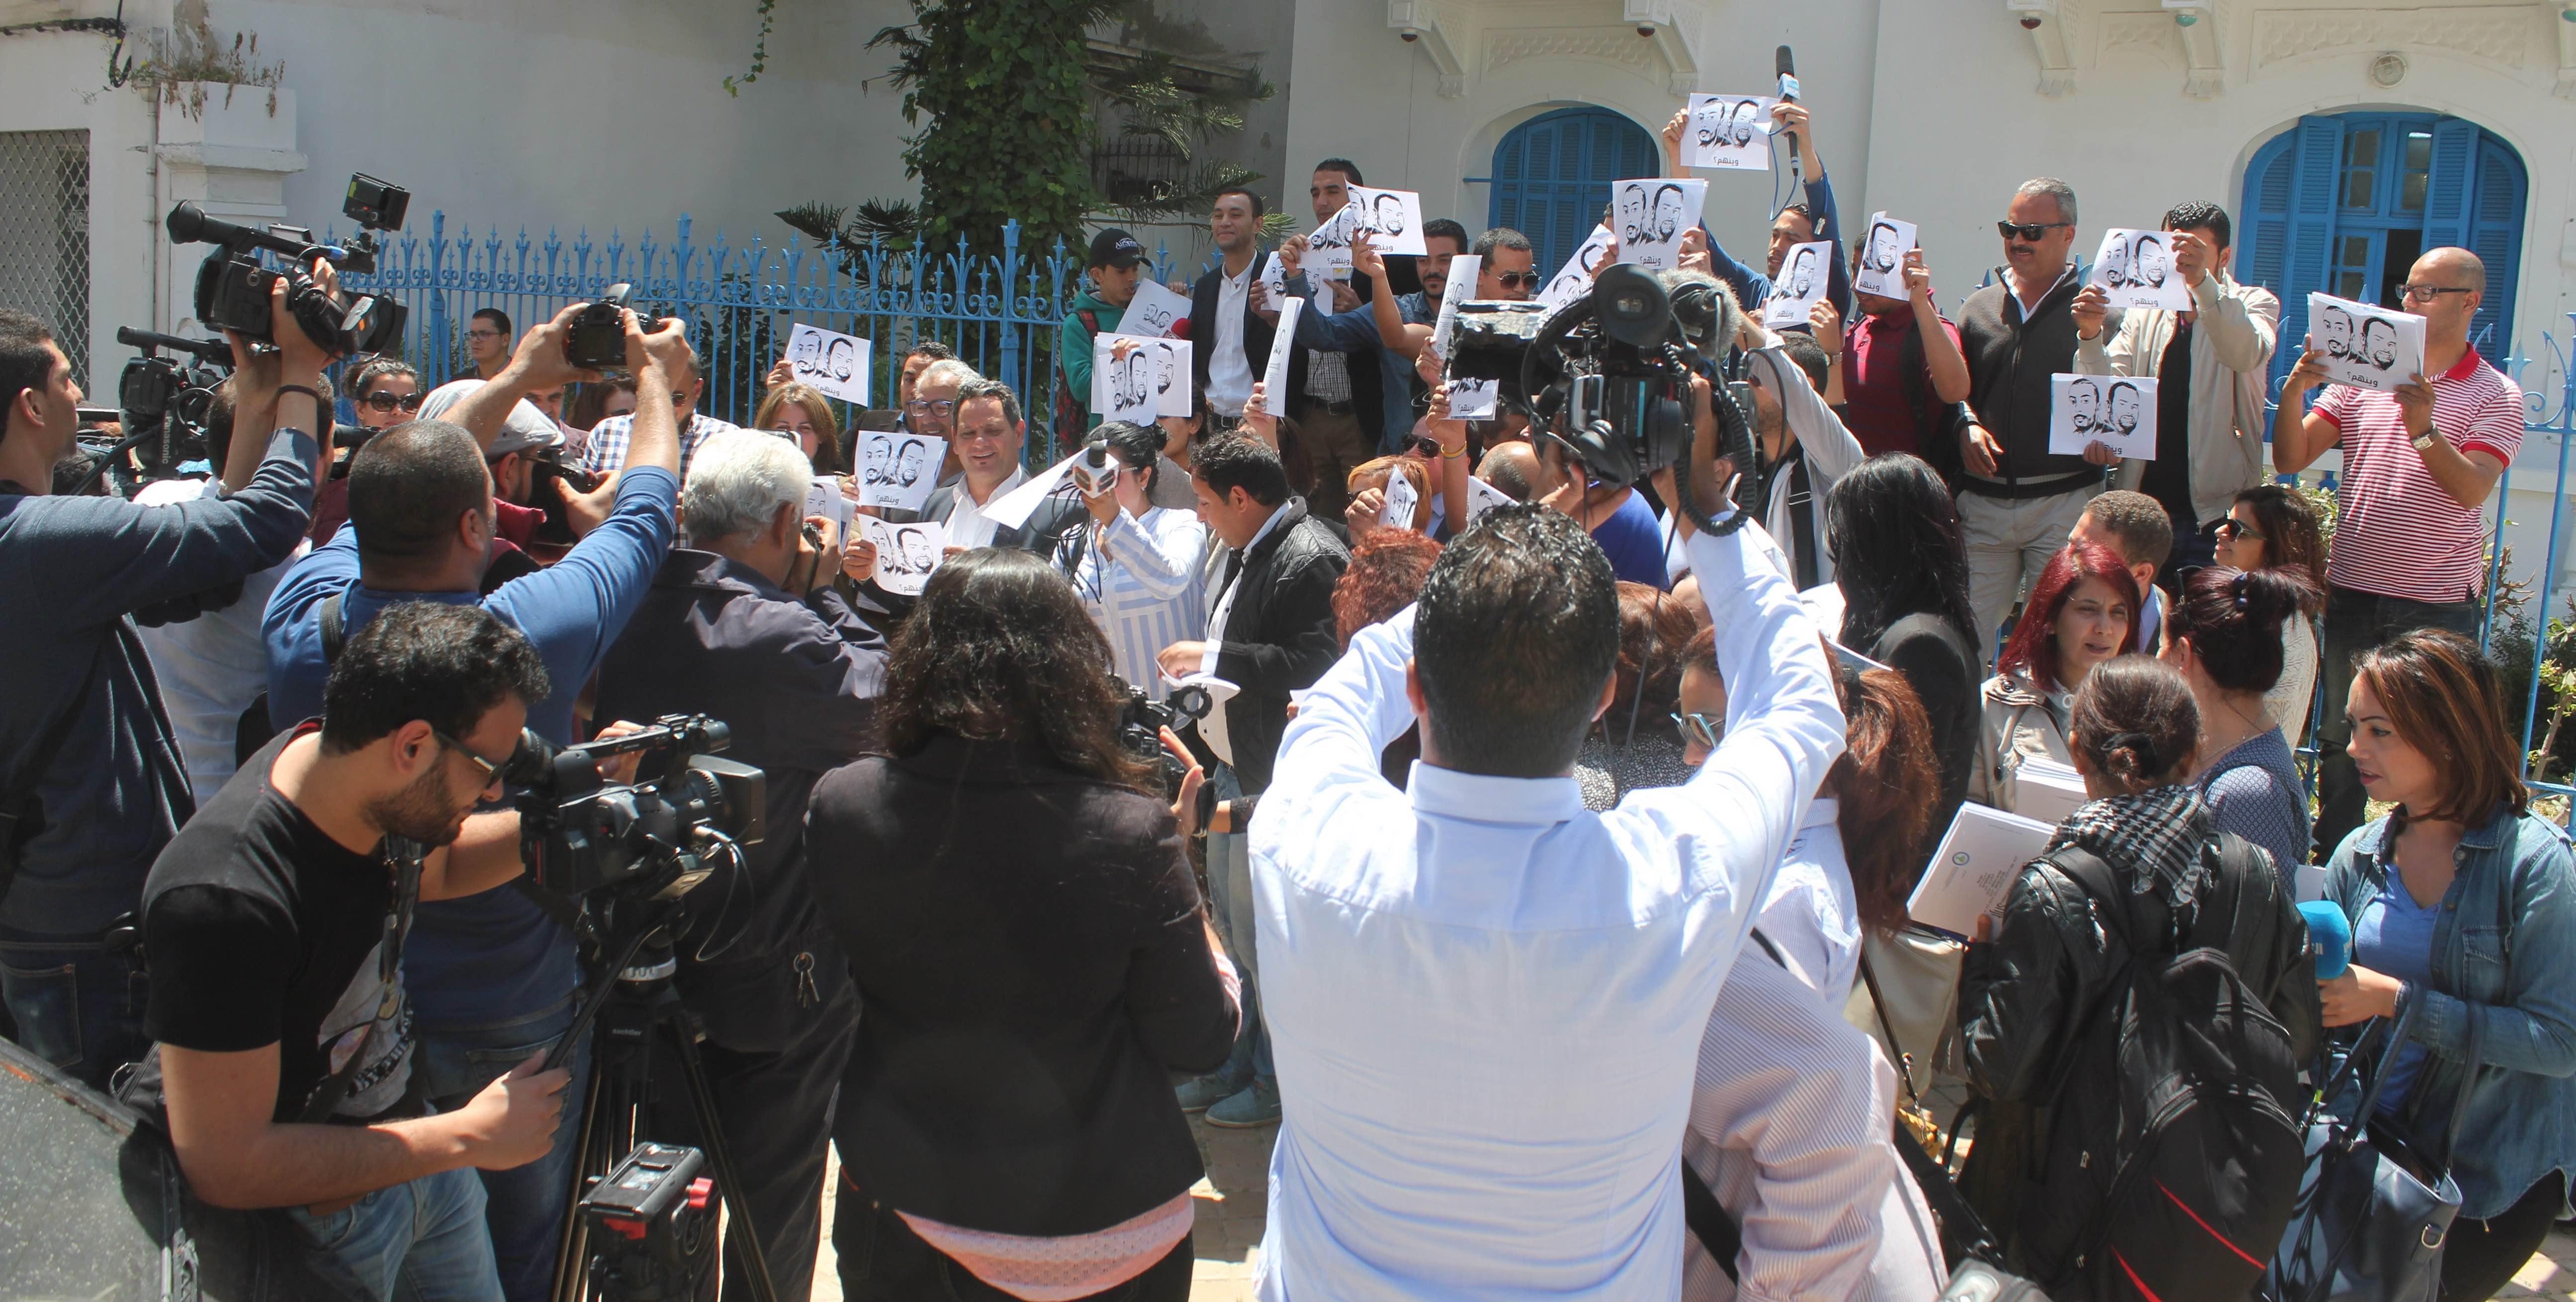 وحدة الرصد بمركز السلامة المهنية بالنقابة الوطنية للصحفيين التونسيين تكشف عن حجم الإعتداءات